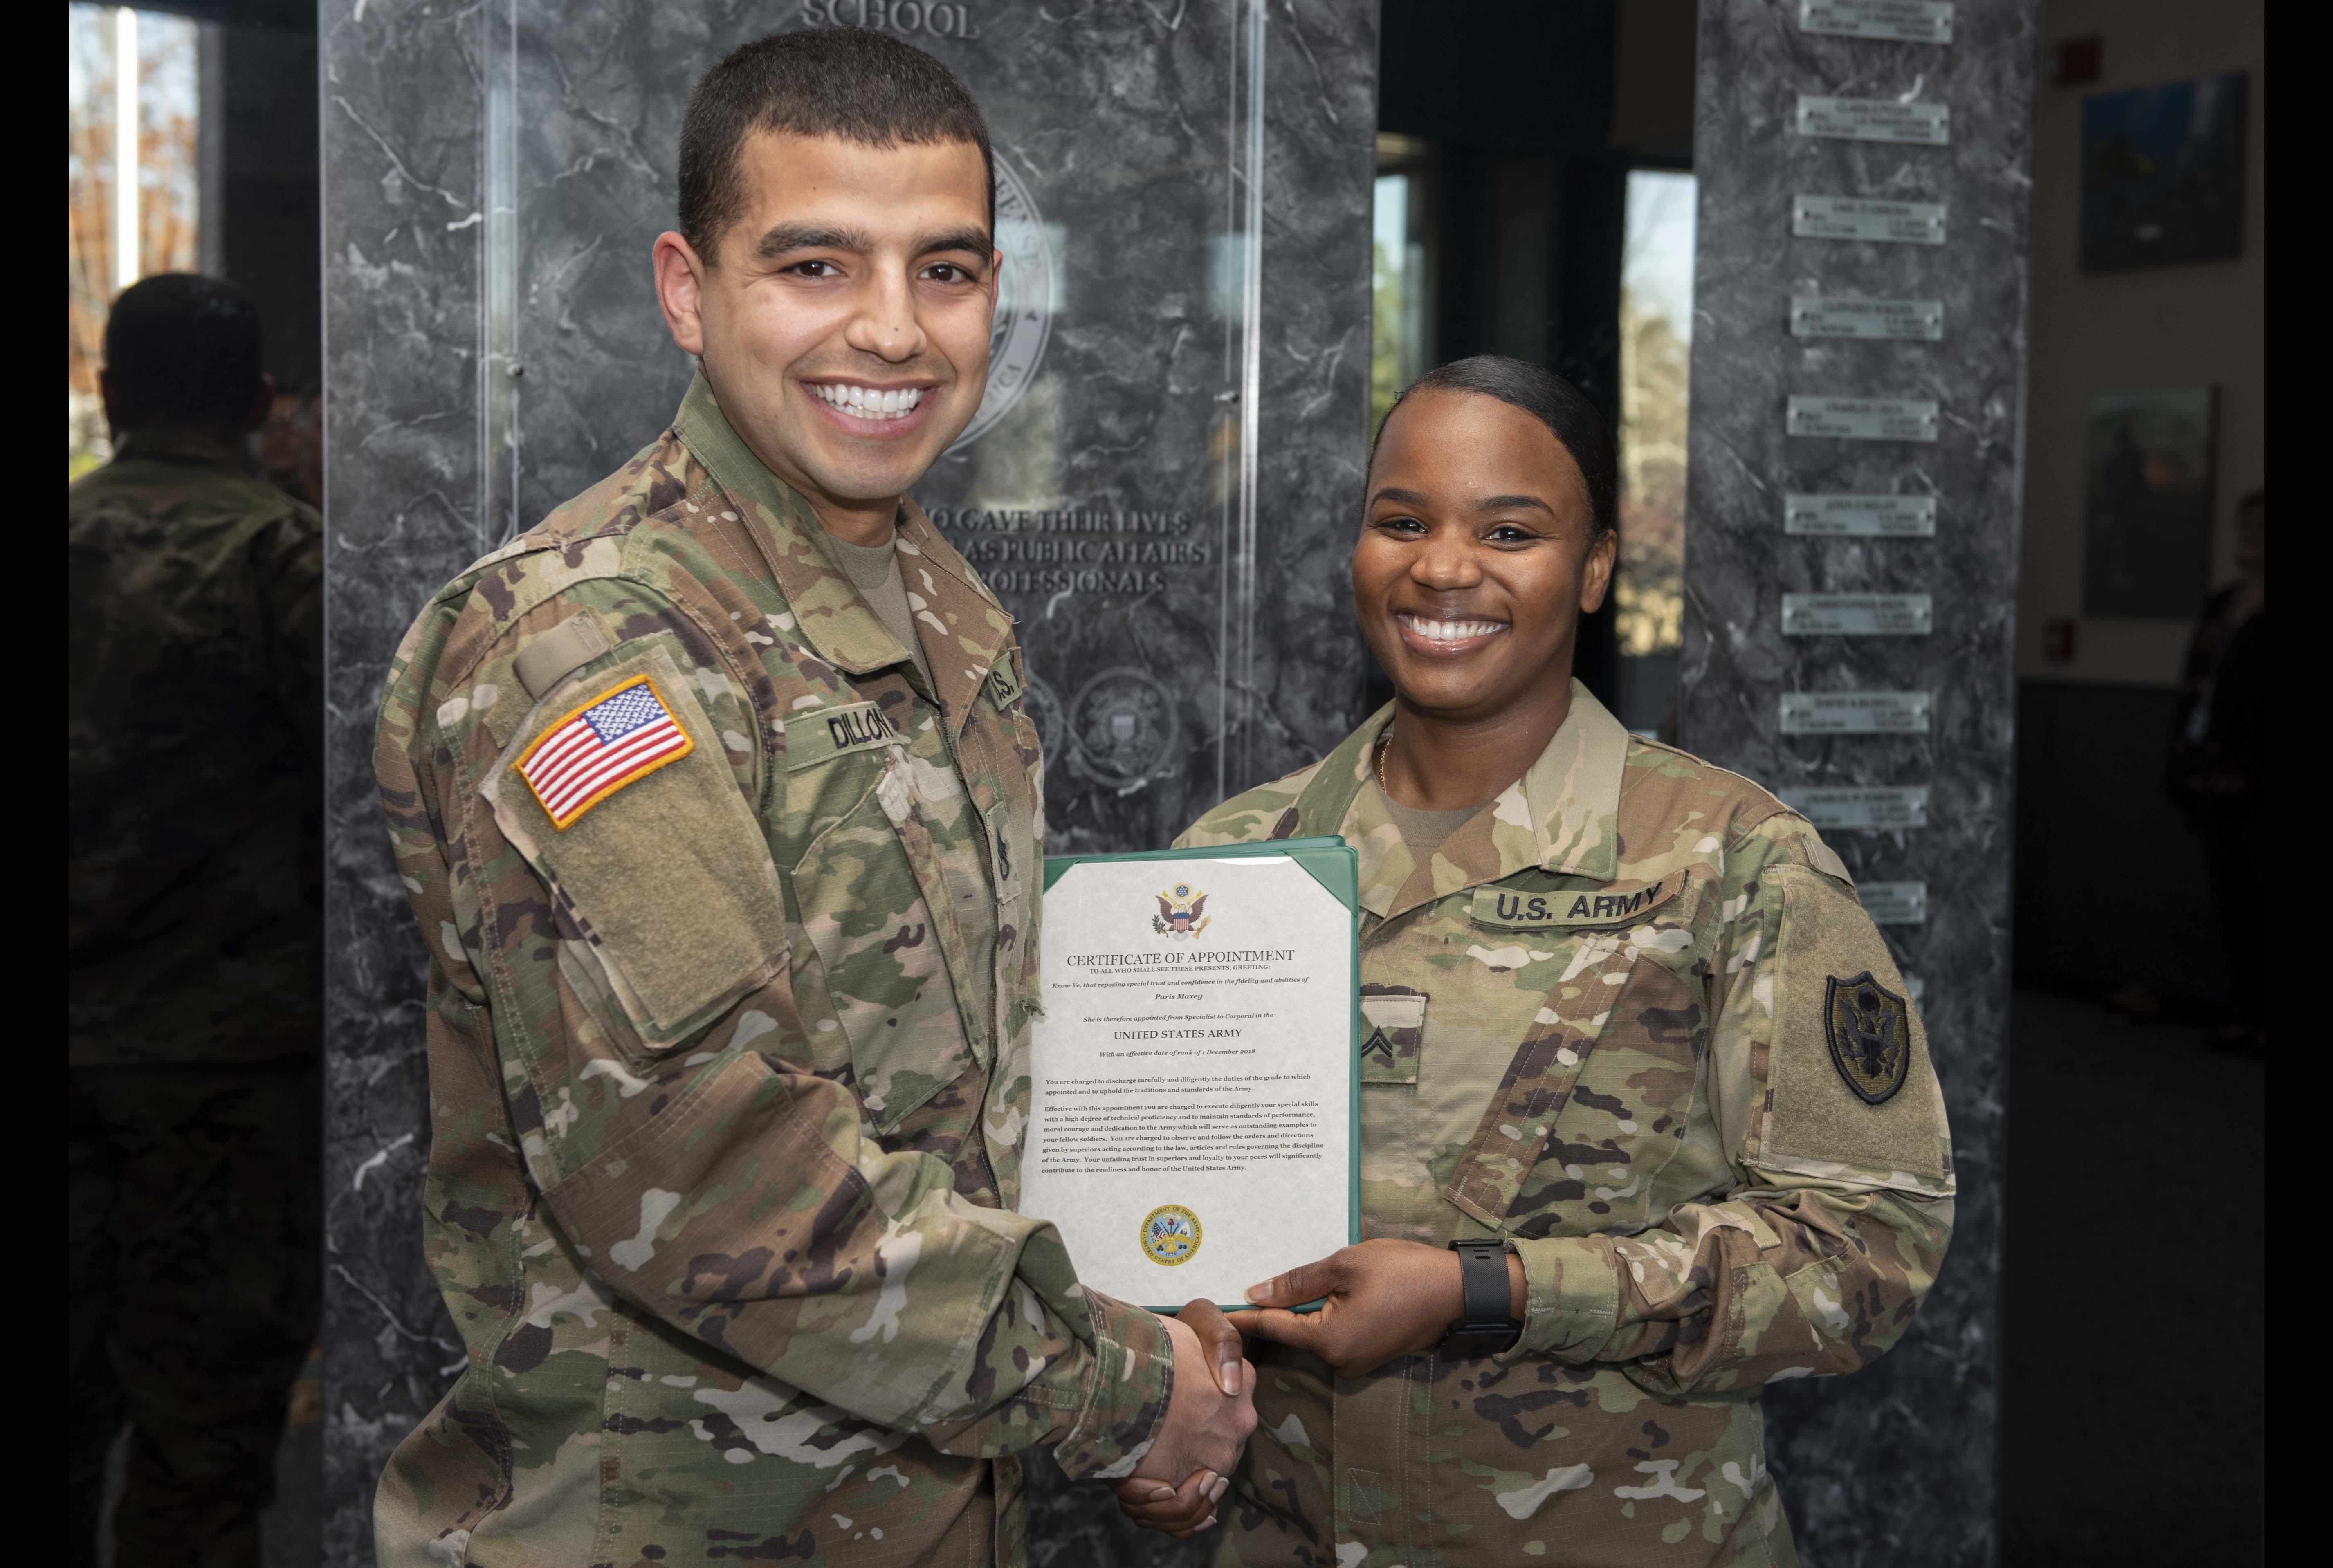 Congratulations Corporal Maxey